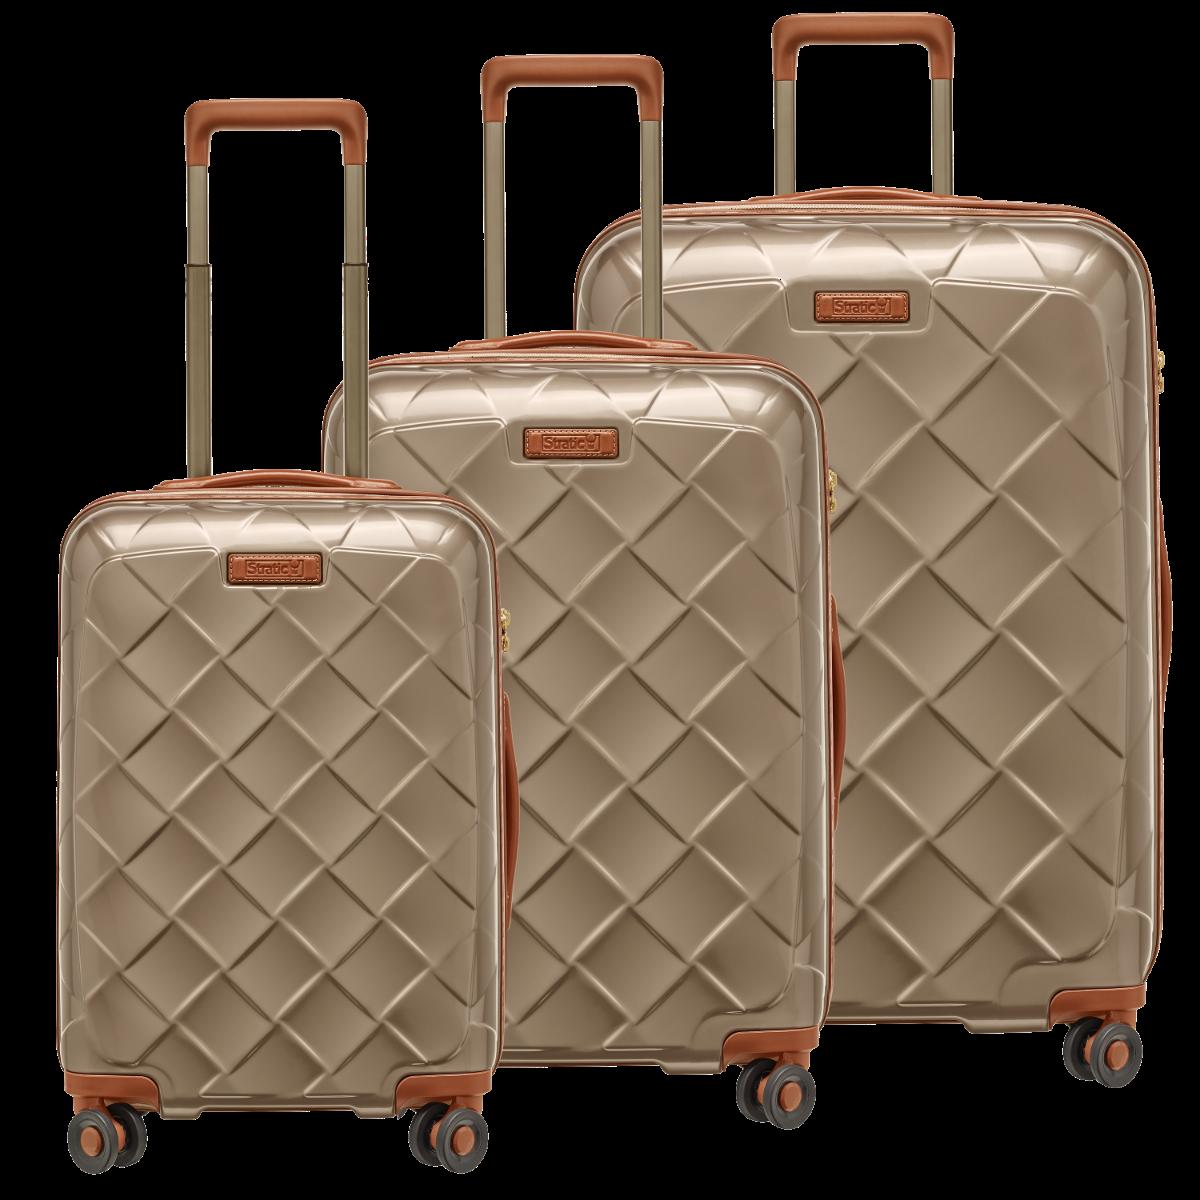 3-tlg. Hartschalen-Koffer-Set mit 4 Rollen, Leather & More